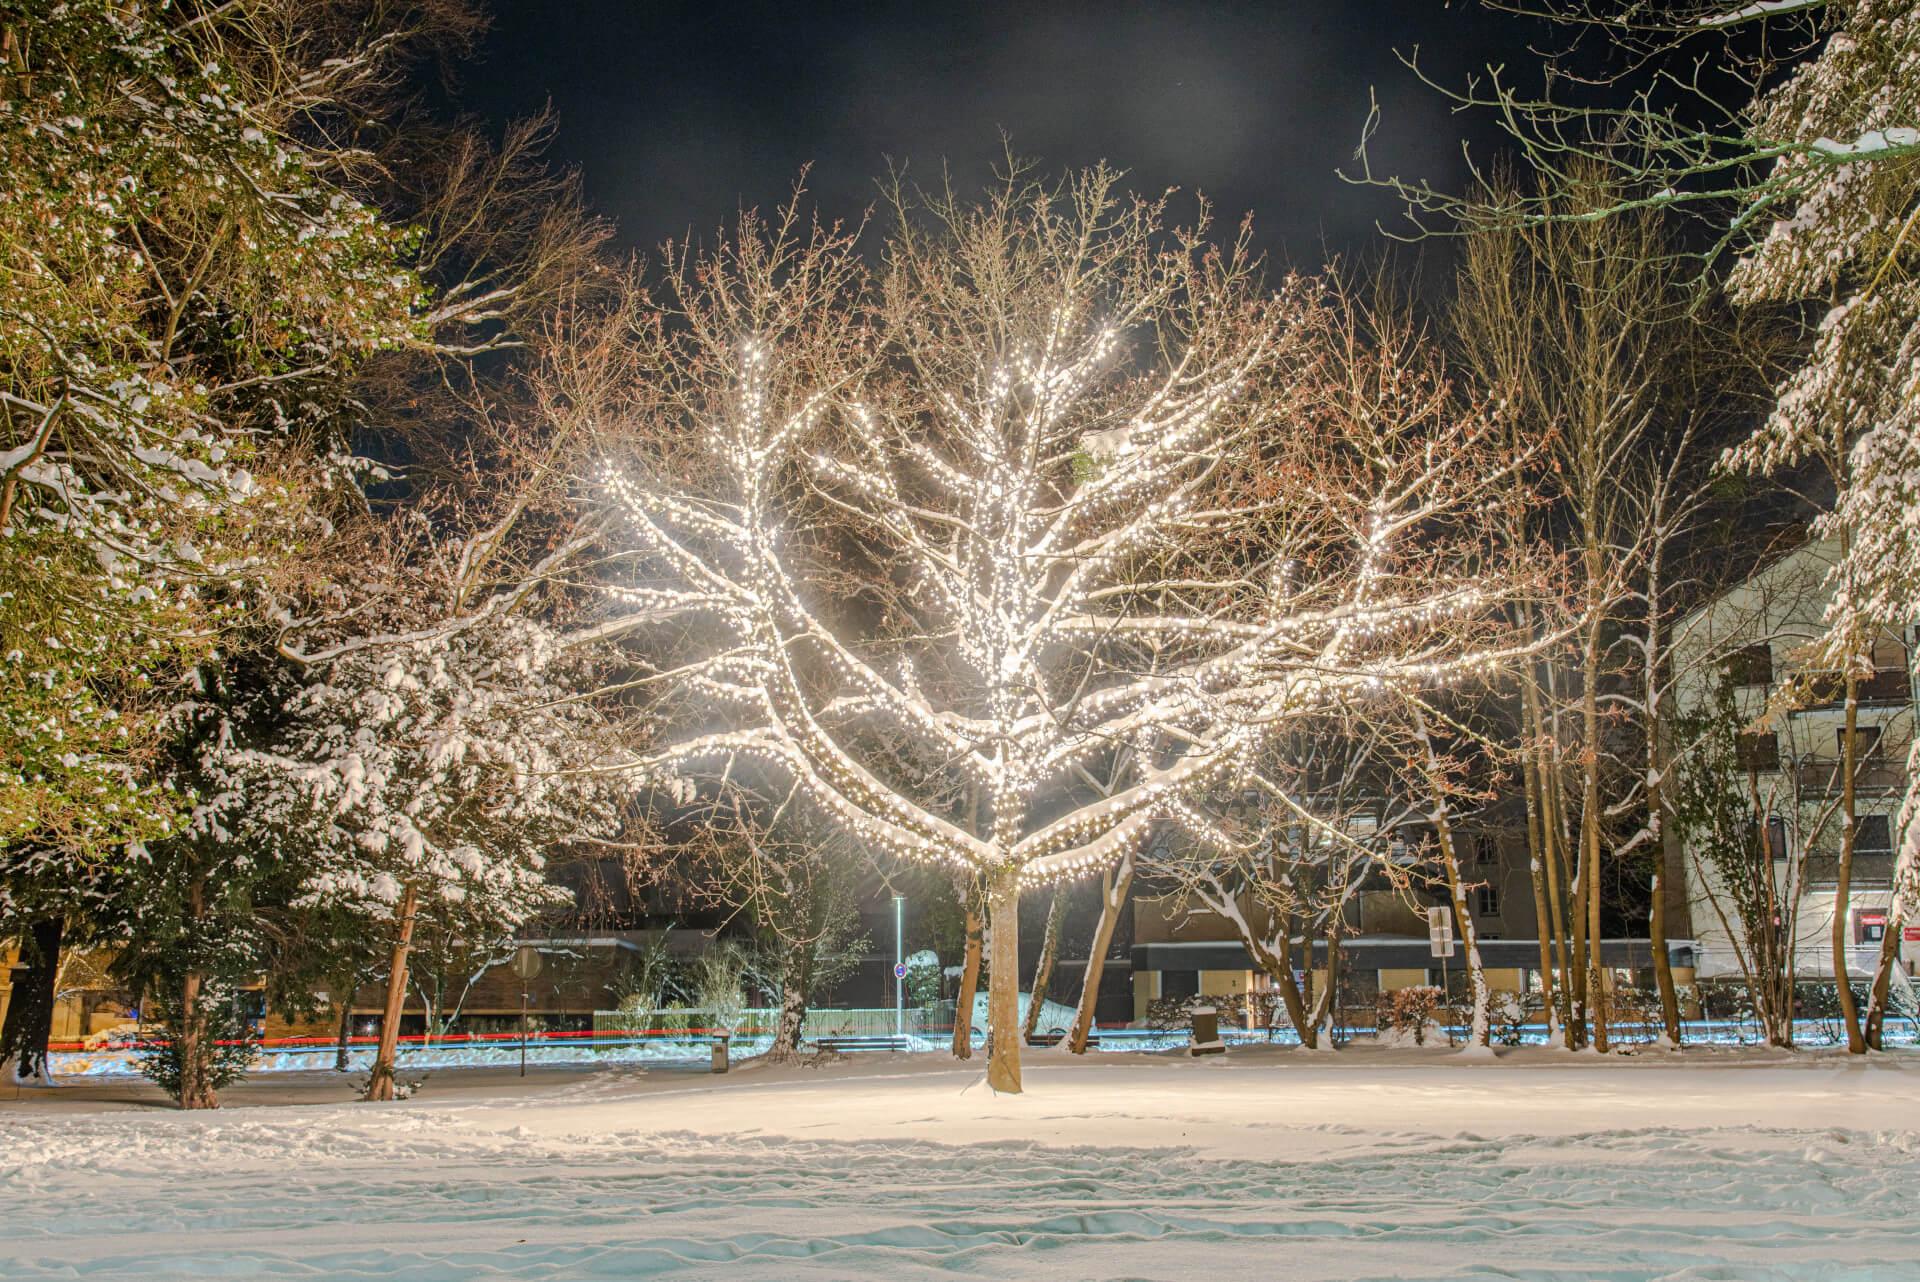 Lichterzauber im Schnee, Baum Wall